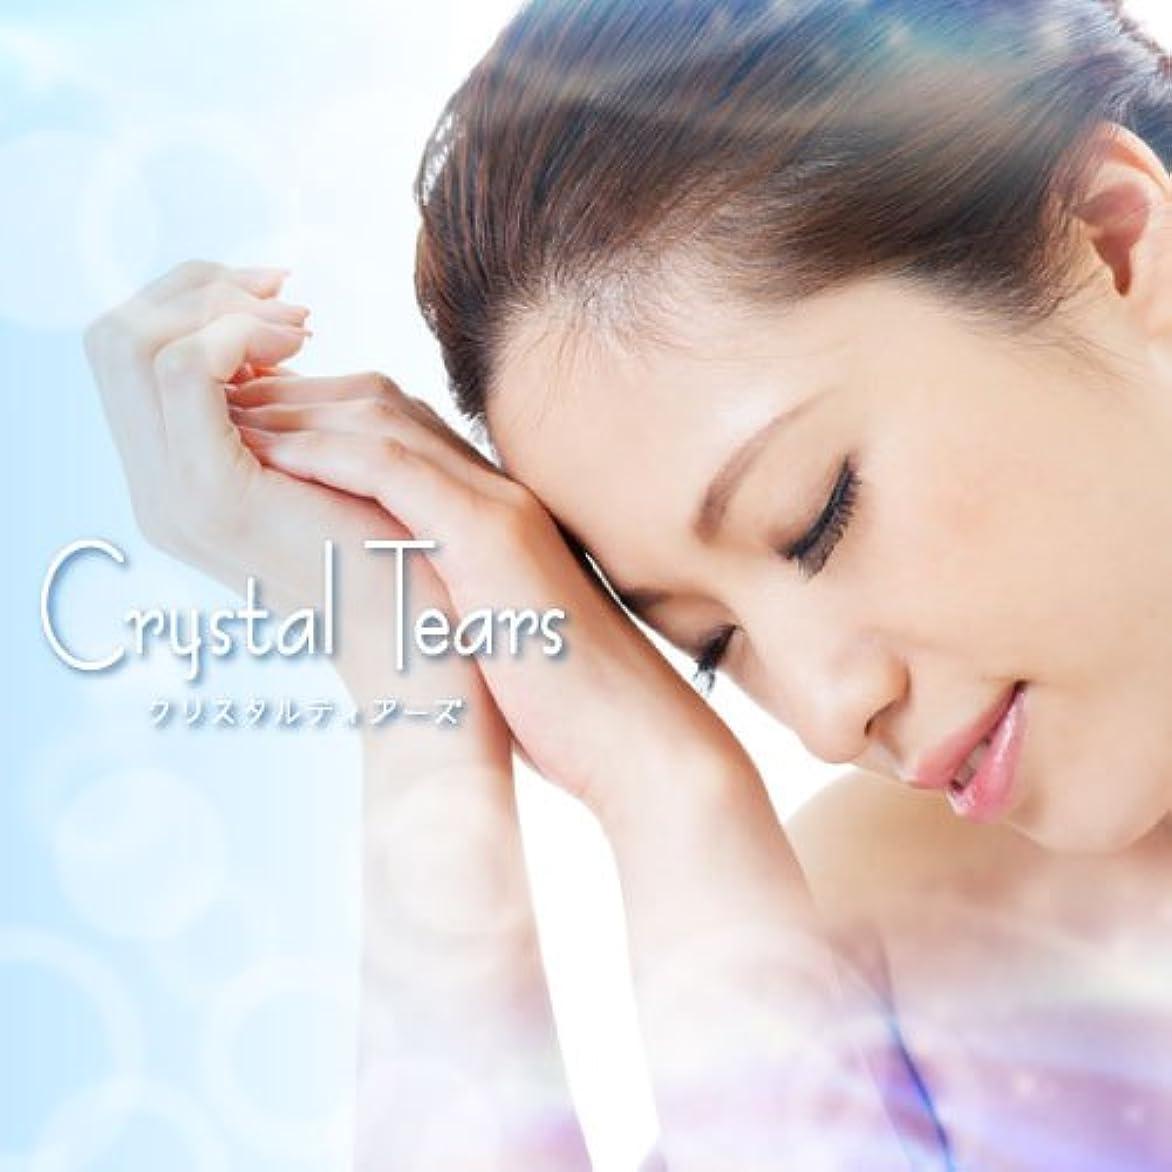 大破バーマド戻る【5個セット+1つプレゼント!!】Crystal Tears(クリスタル ティアーズ)